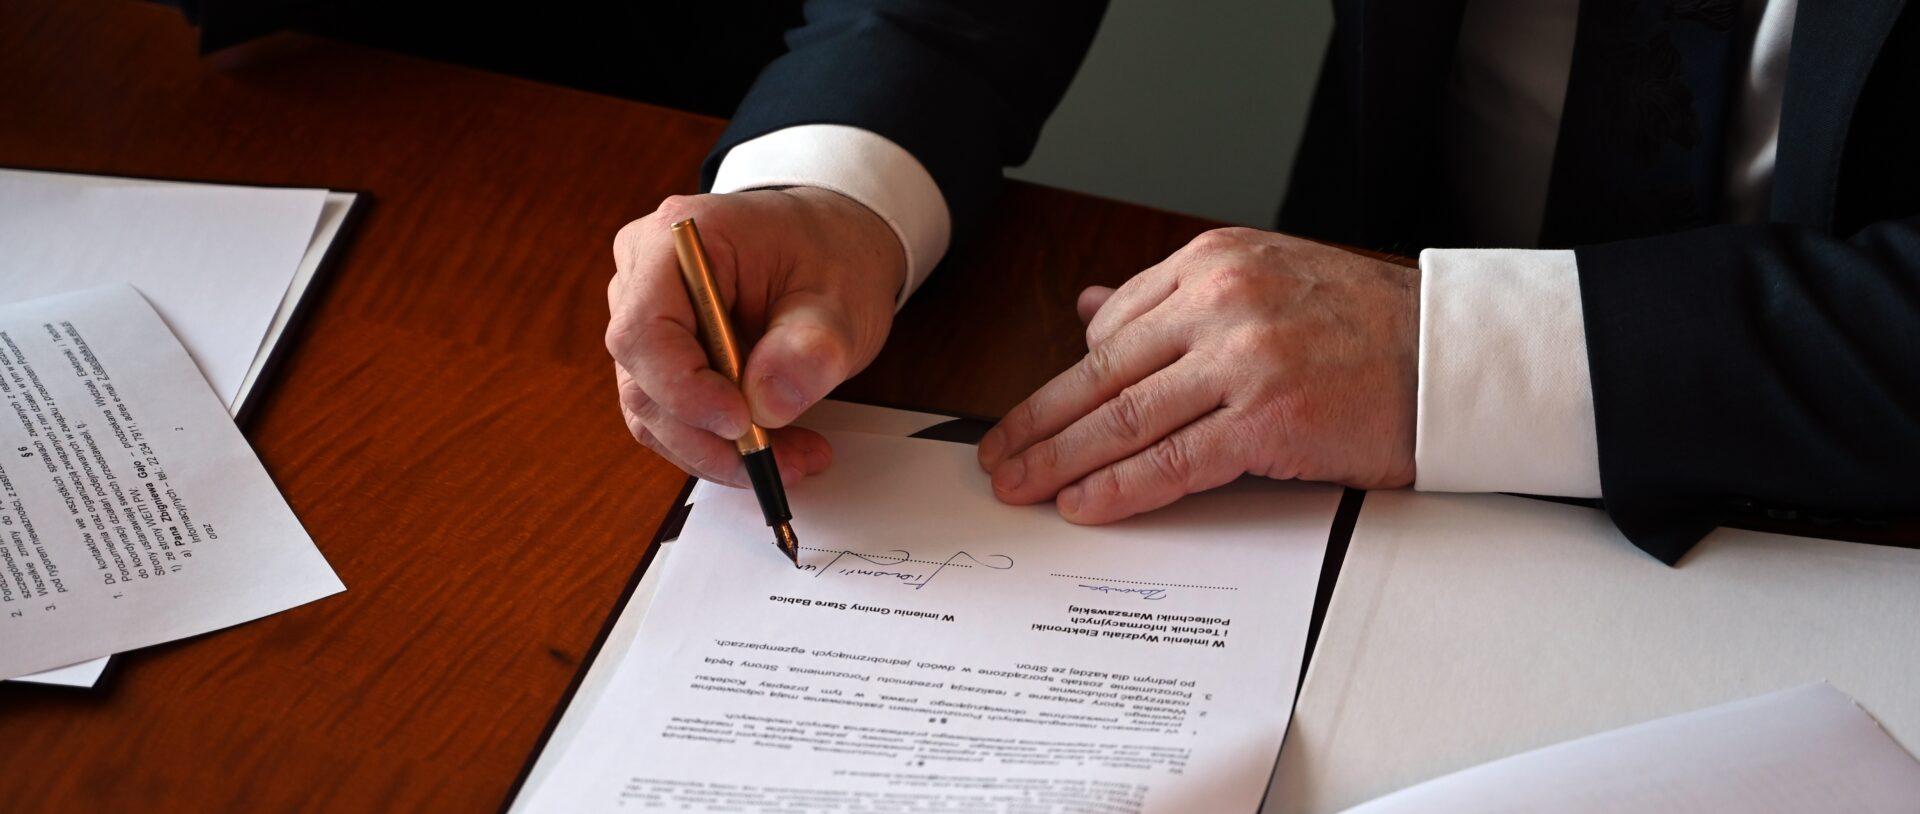 Podpisanie porozumienia o współpracy z Politechniką Warszawską